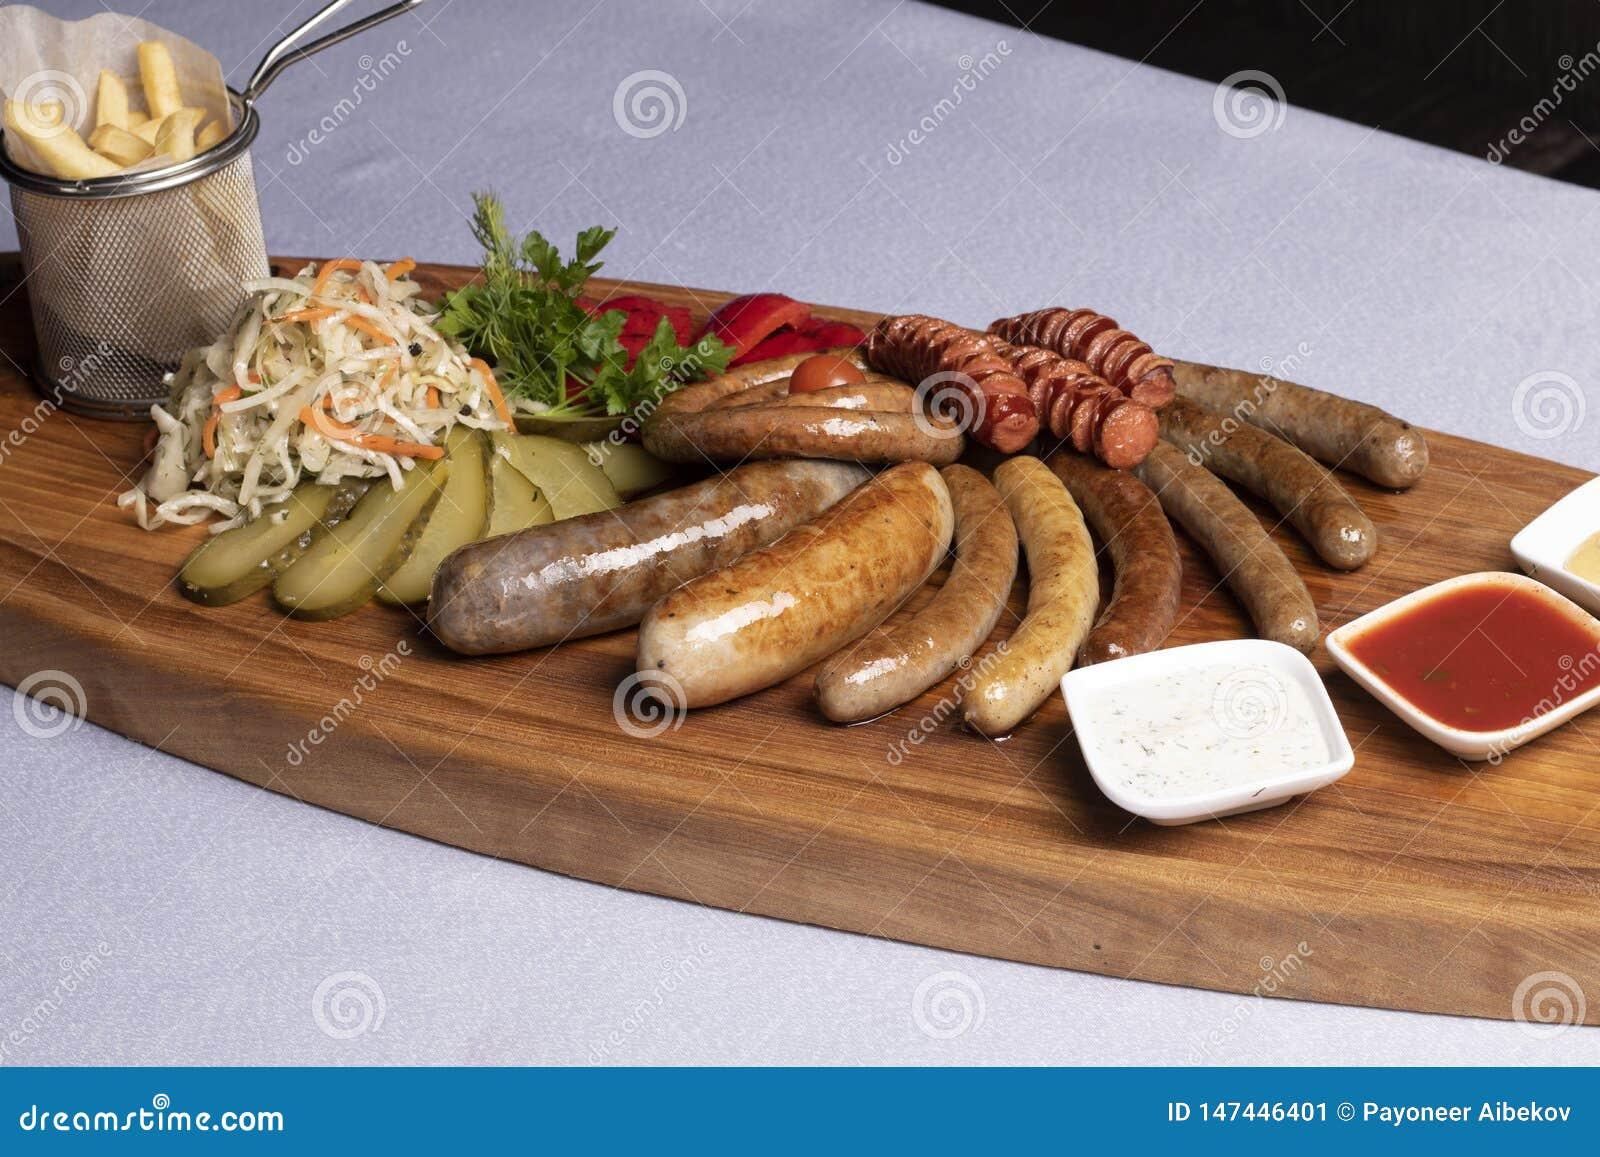 κρύα πρόχειρα φαγητά για την μπύρα, τα λουκάνικα και το τυρί με τις τηγανισμένους ντομάτες, το μαϊντανό και το κεράσι